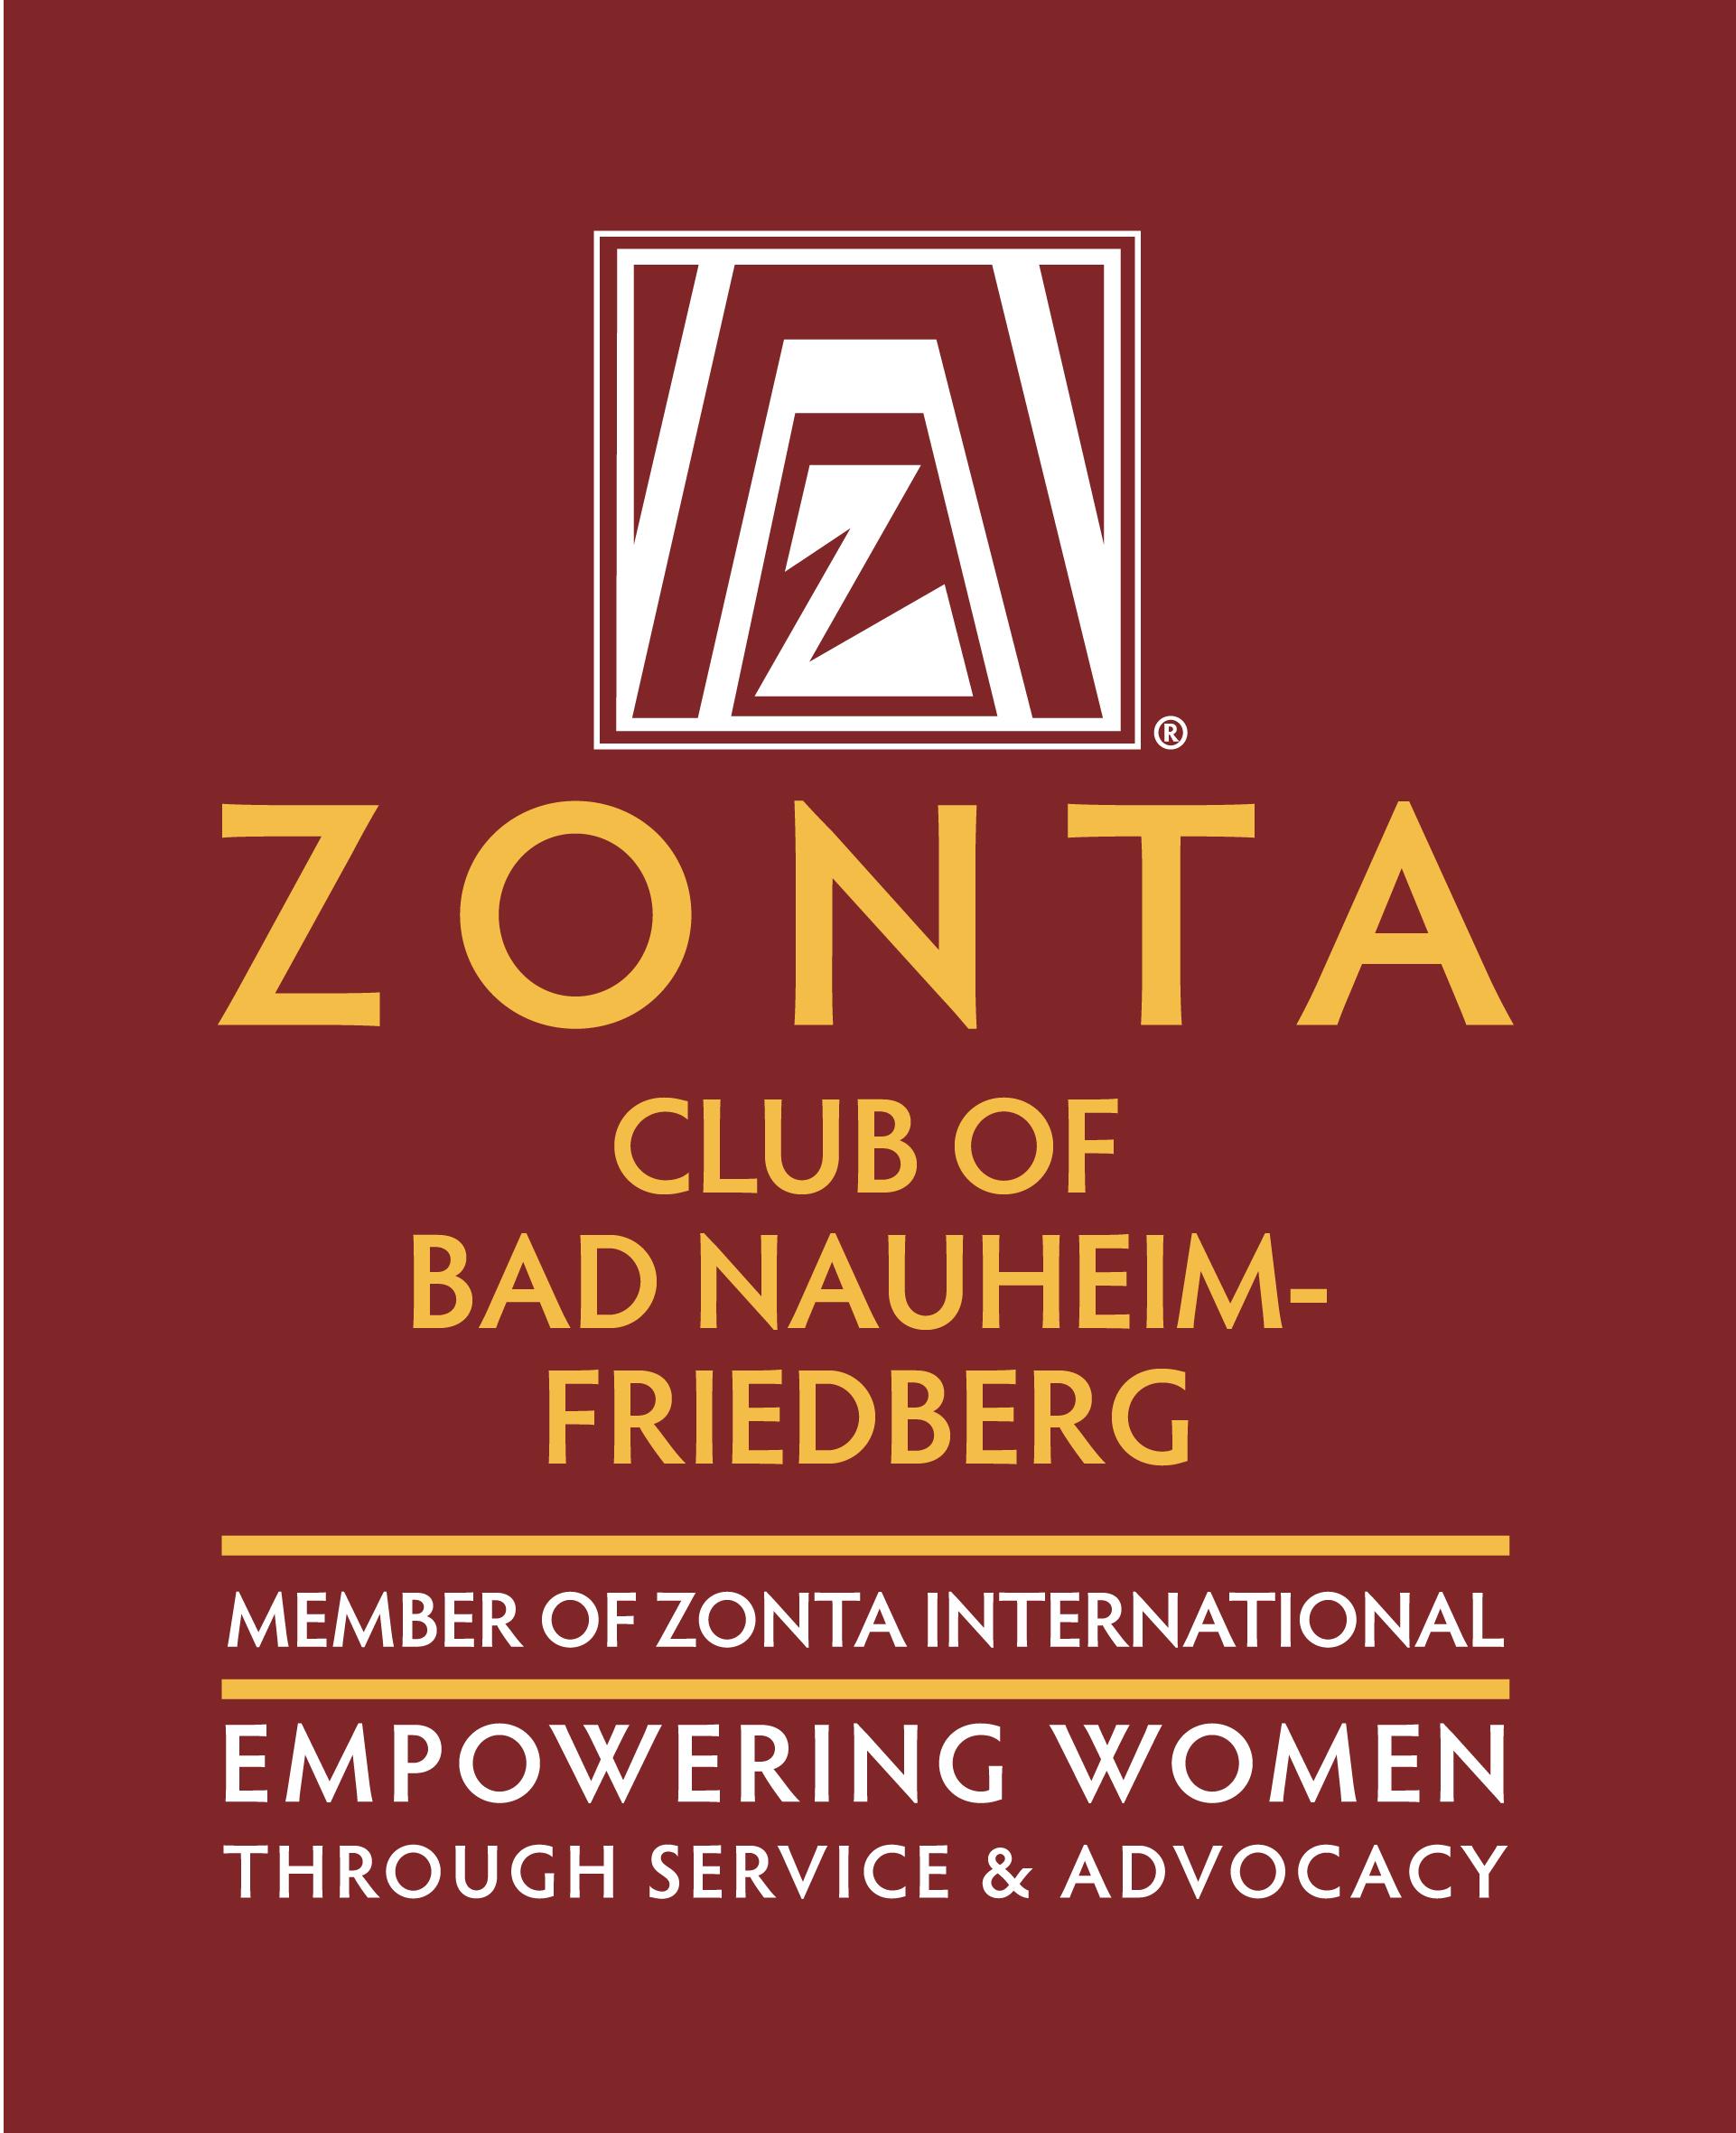 Zonta International - Zonta Club Bad Nauheim-Friedberg-Logo